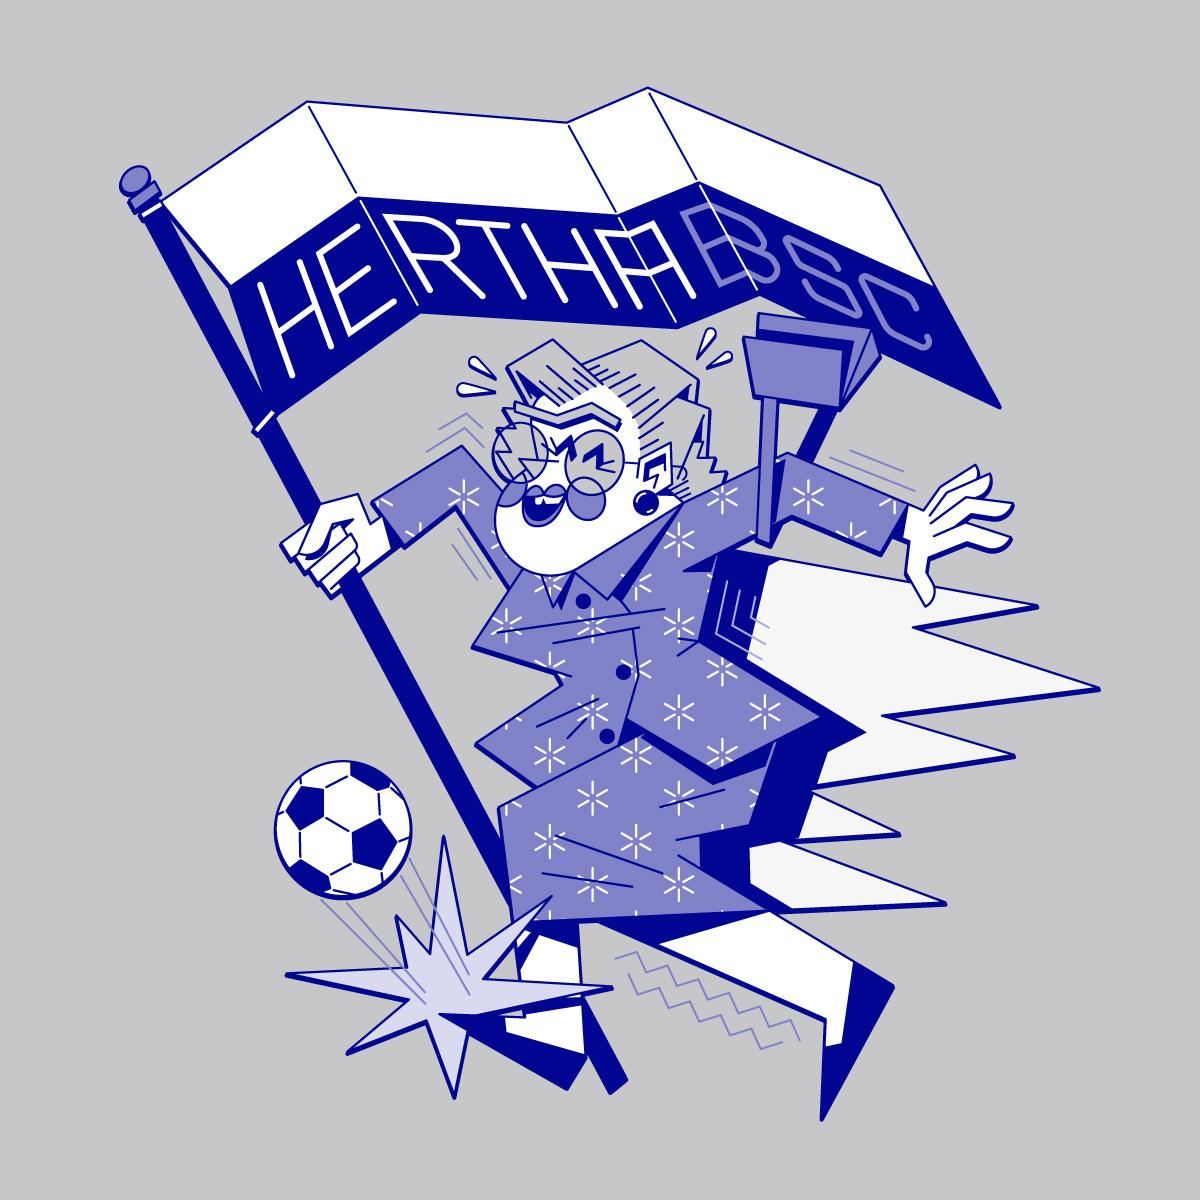 Vda Hertha BSC Berlin